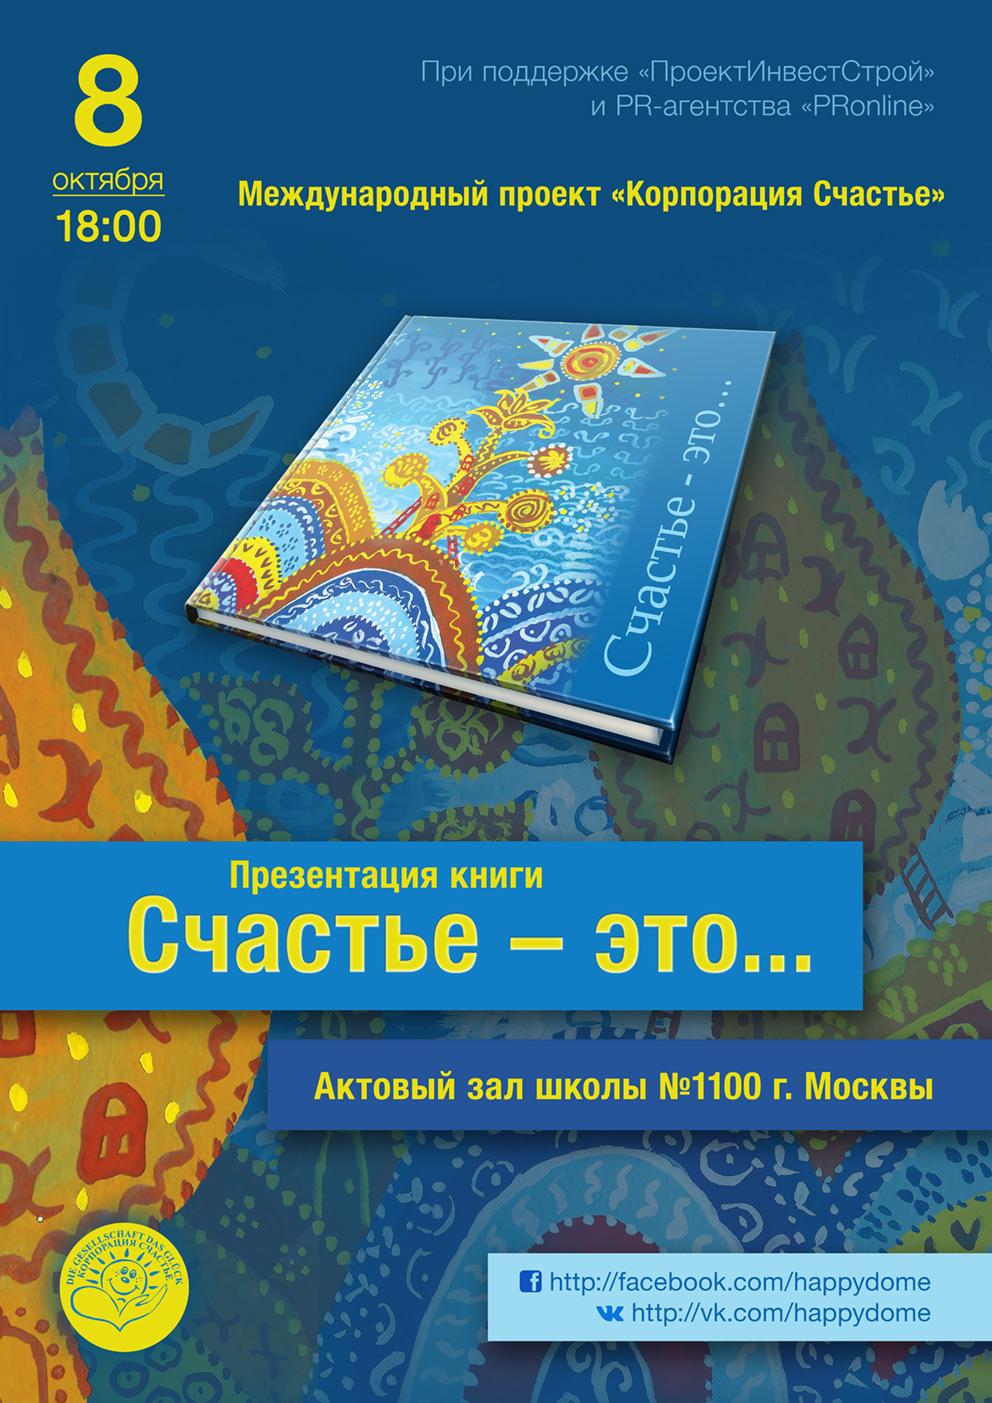 Представление книги о счастье состоится в РФ 8 октября